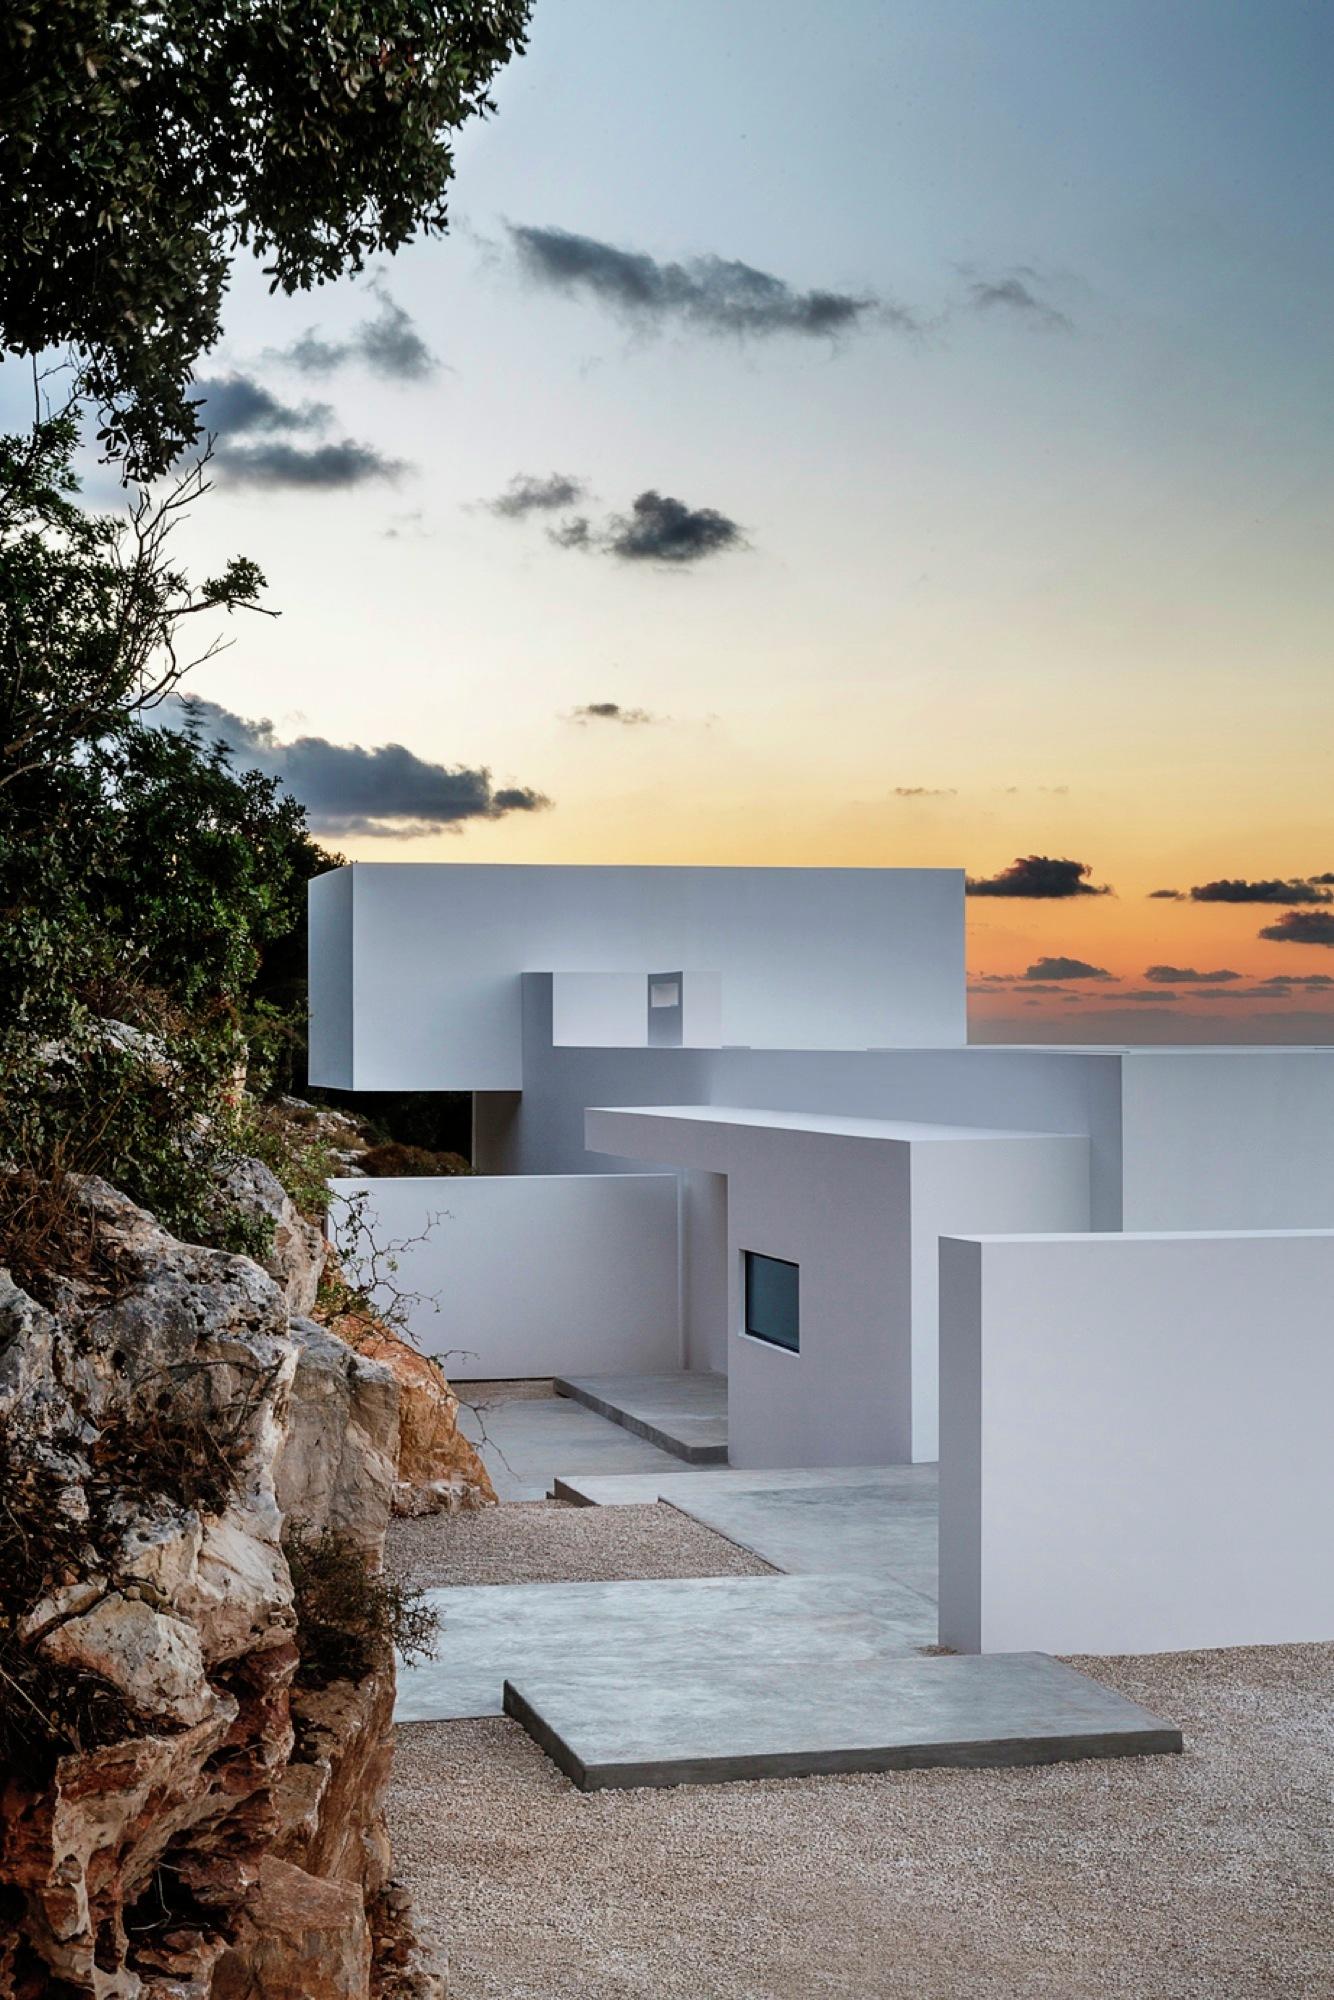 Galer a de la casa de plata dwek architectes 1 for Casa de cocina la plata